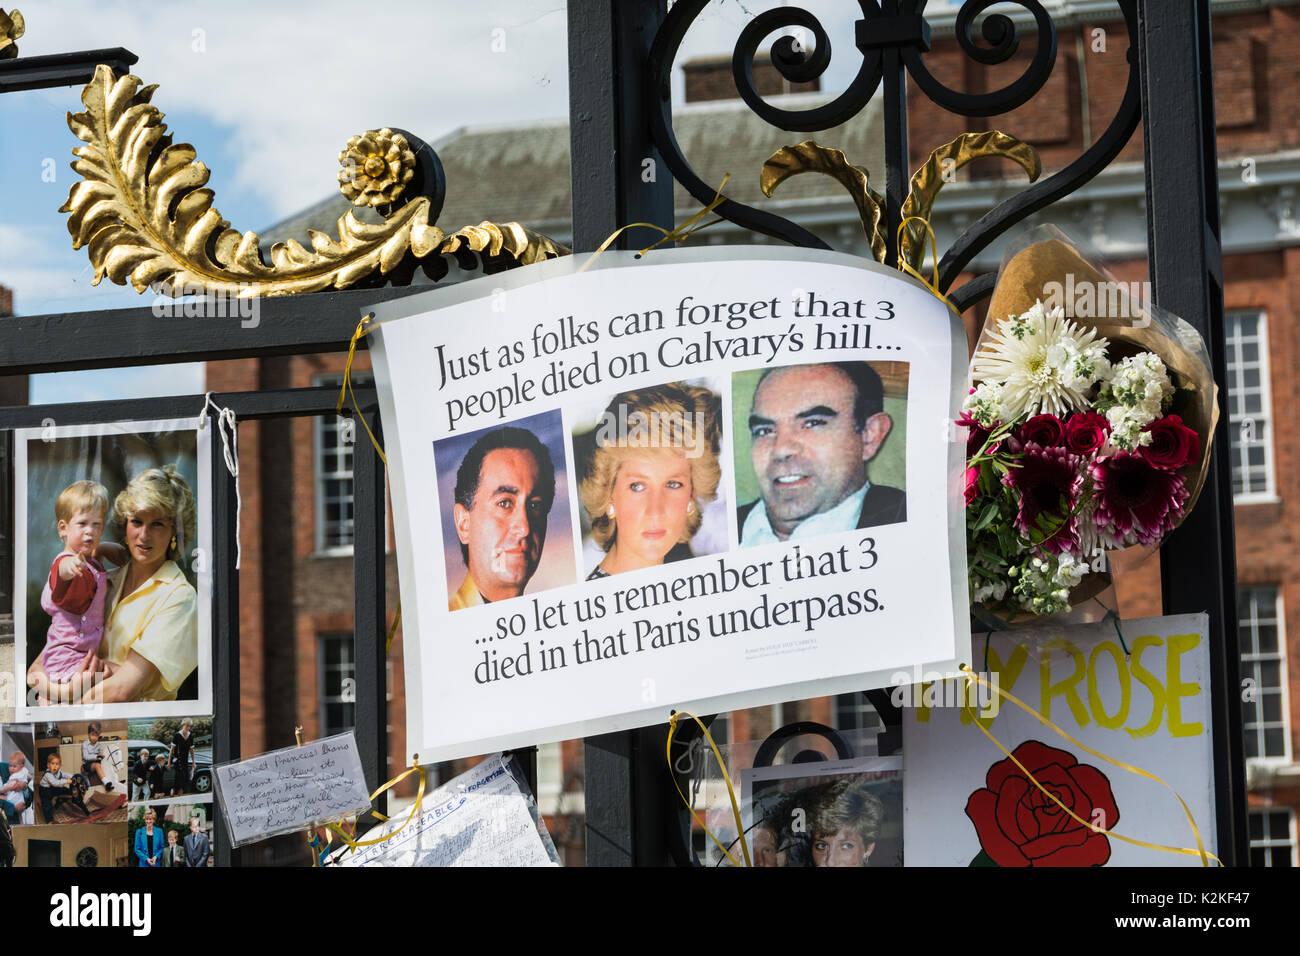 Ein Foto von Prinzessin Diana, Dodi Al-Fayed und Henri Paul, außerhalb der Kensington Palace, am zwanzigsten Jahrestag ihrer, und ihr Tod in den tödlichen Autounfall in Paris. Stockbild